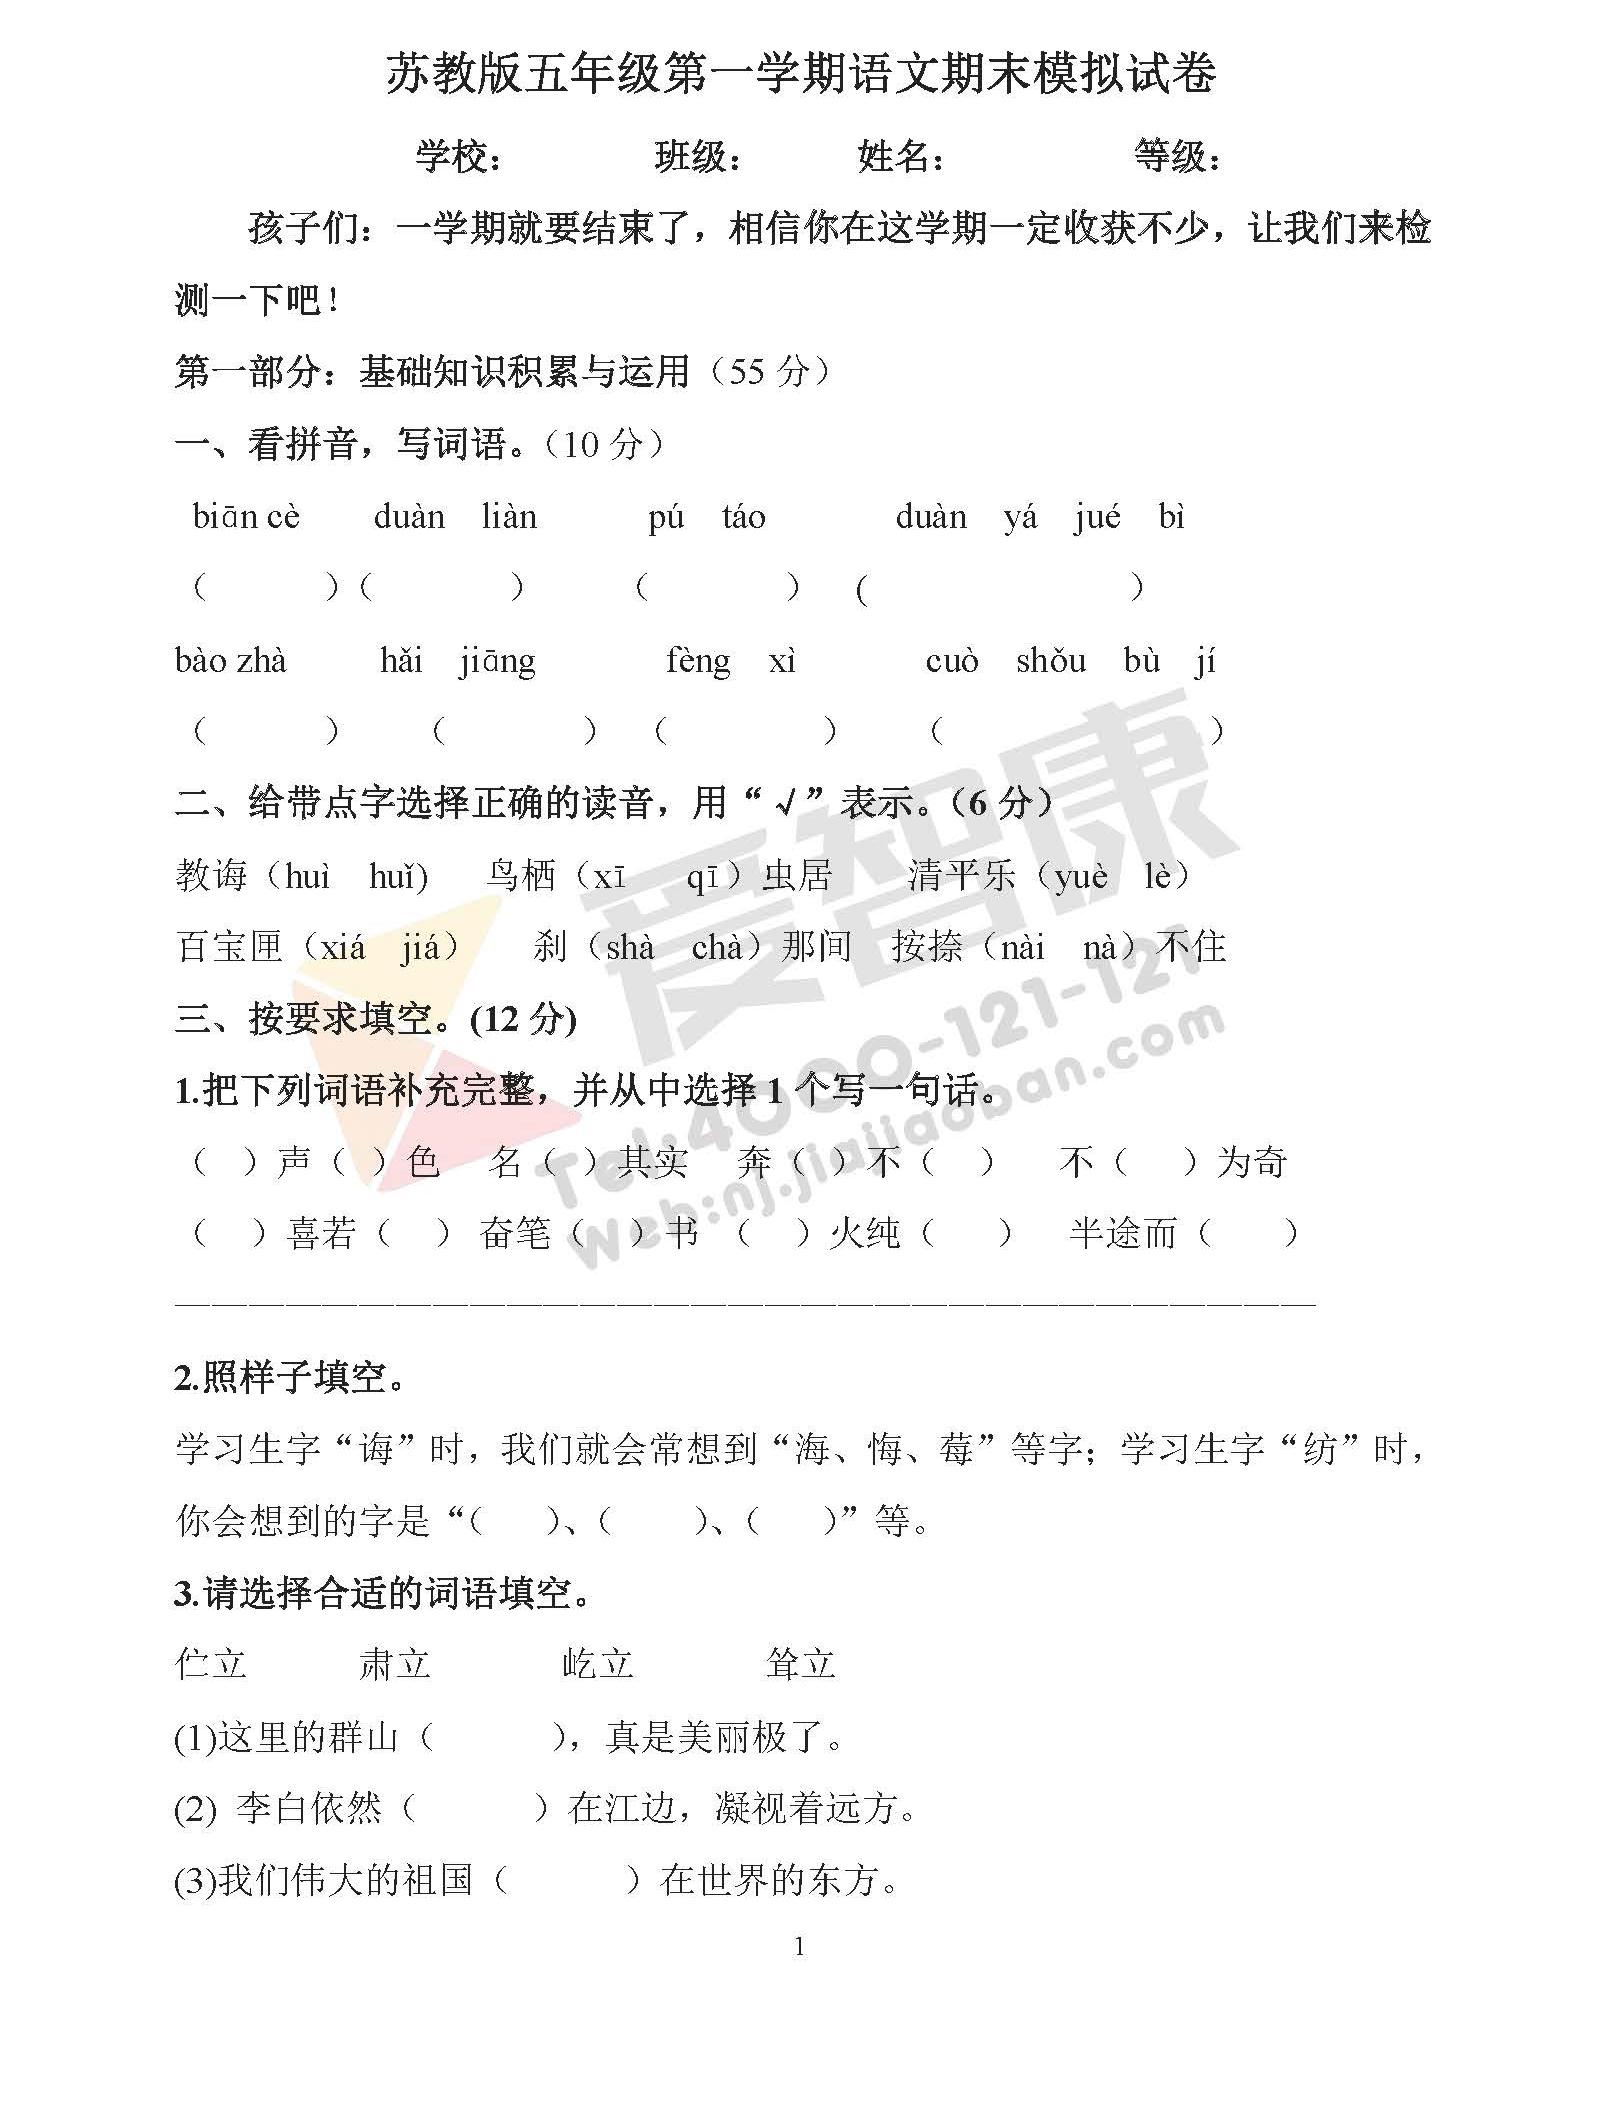 苏教版五年级语文上册期末模拟试卷,五年级期末语文试卷,苏教版五年级期末